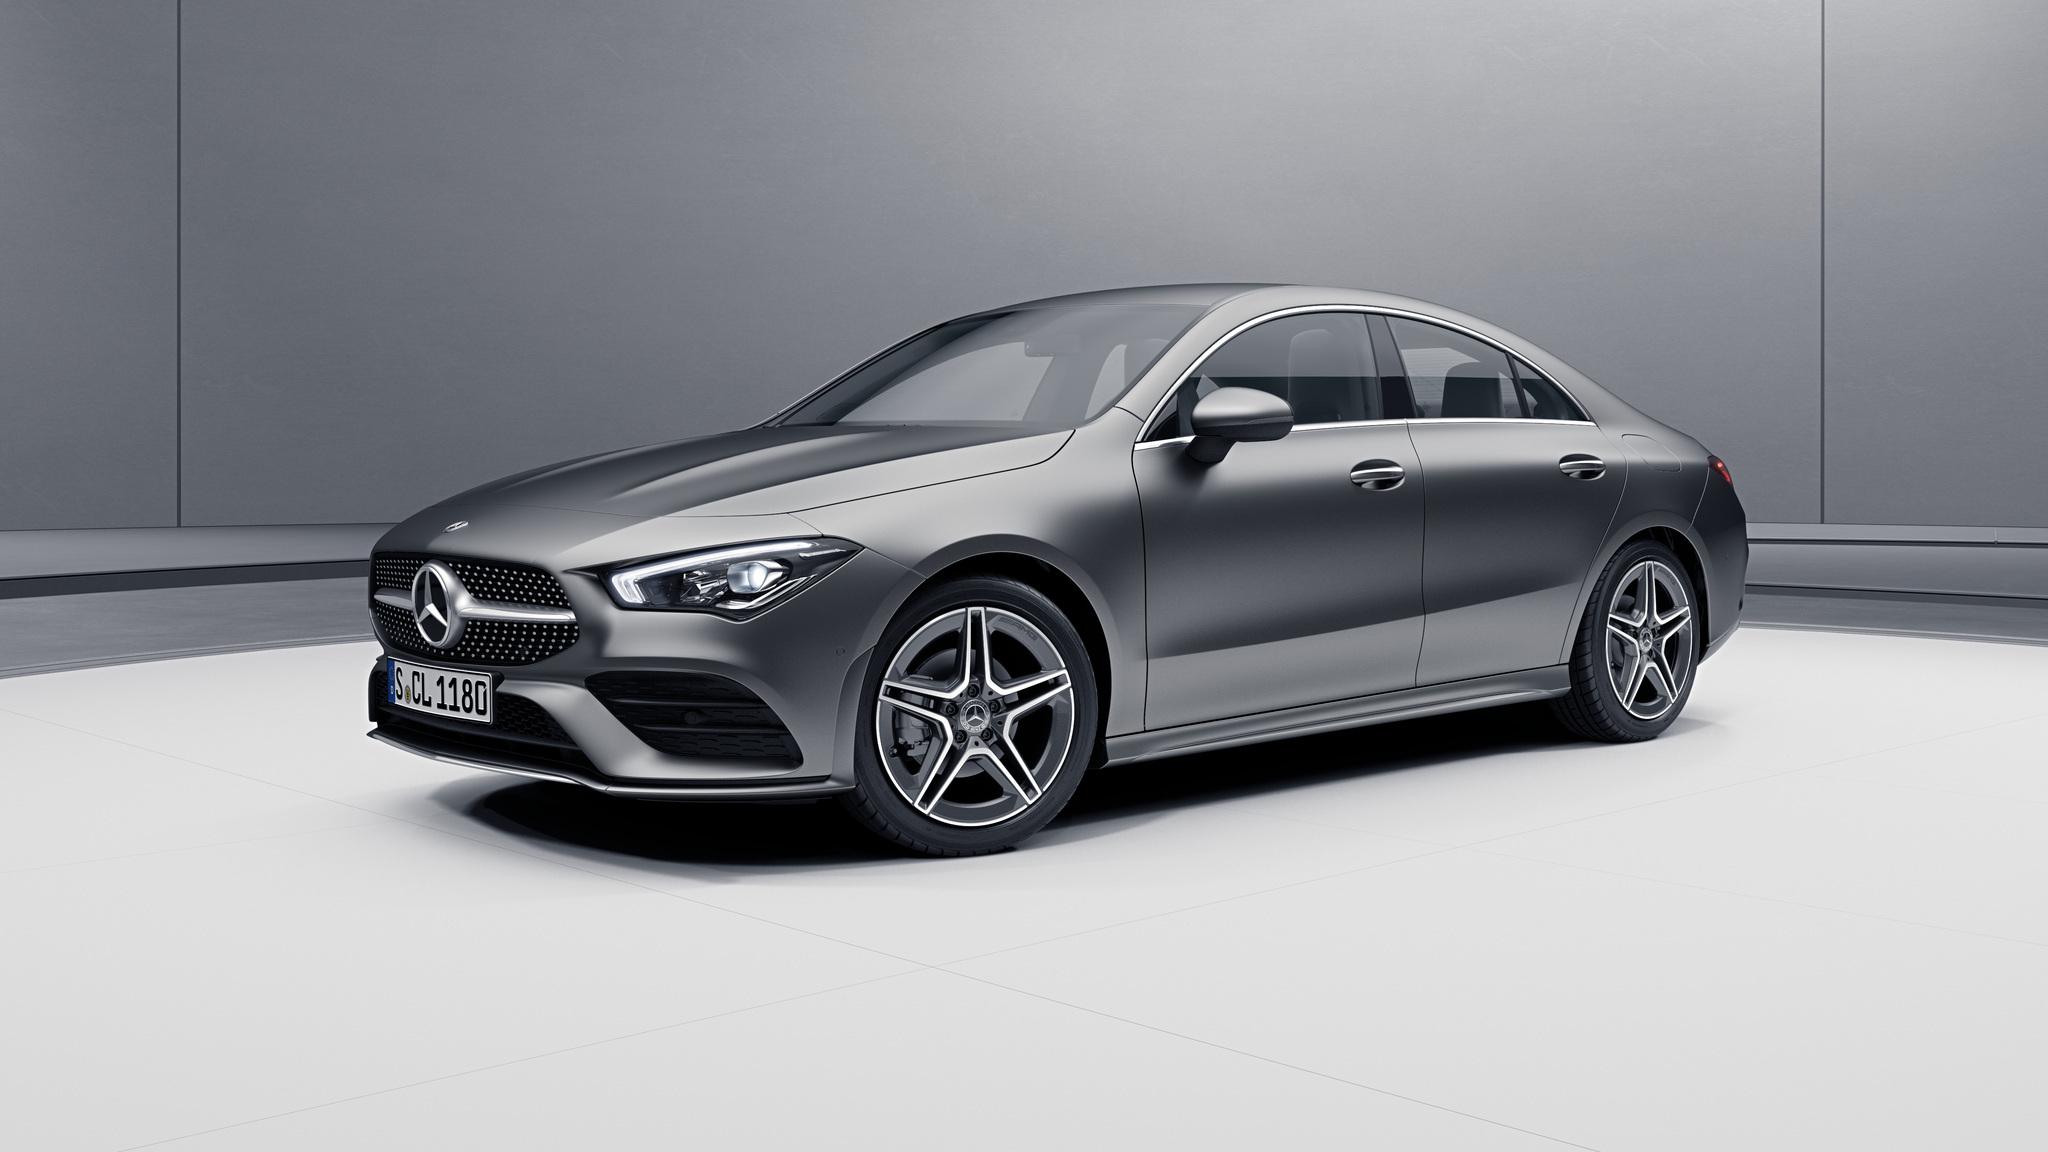 Vue de trois quarts de profil de la Mercedes CLA avec la peinture designo - gris montagne magno